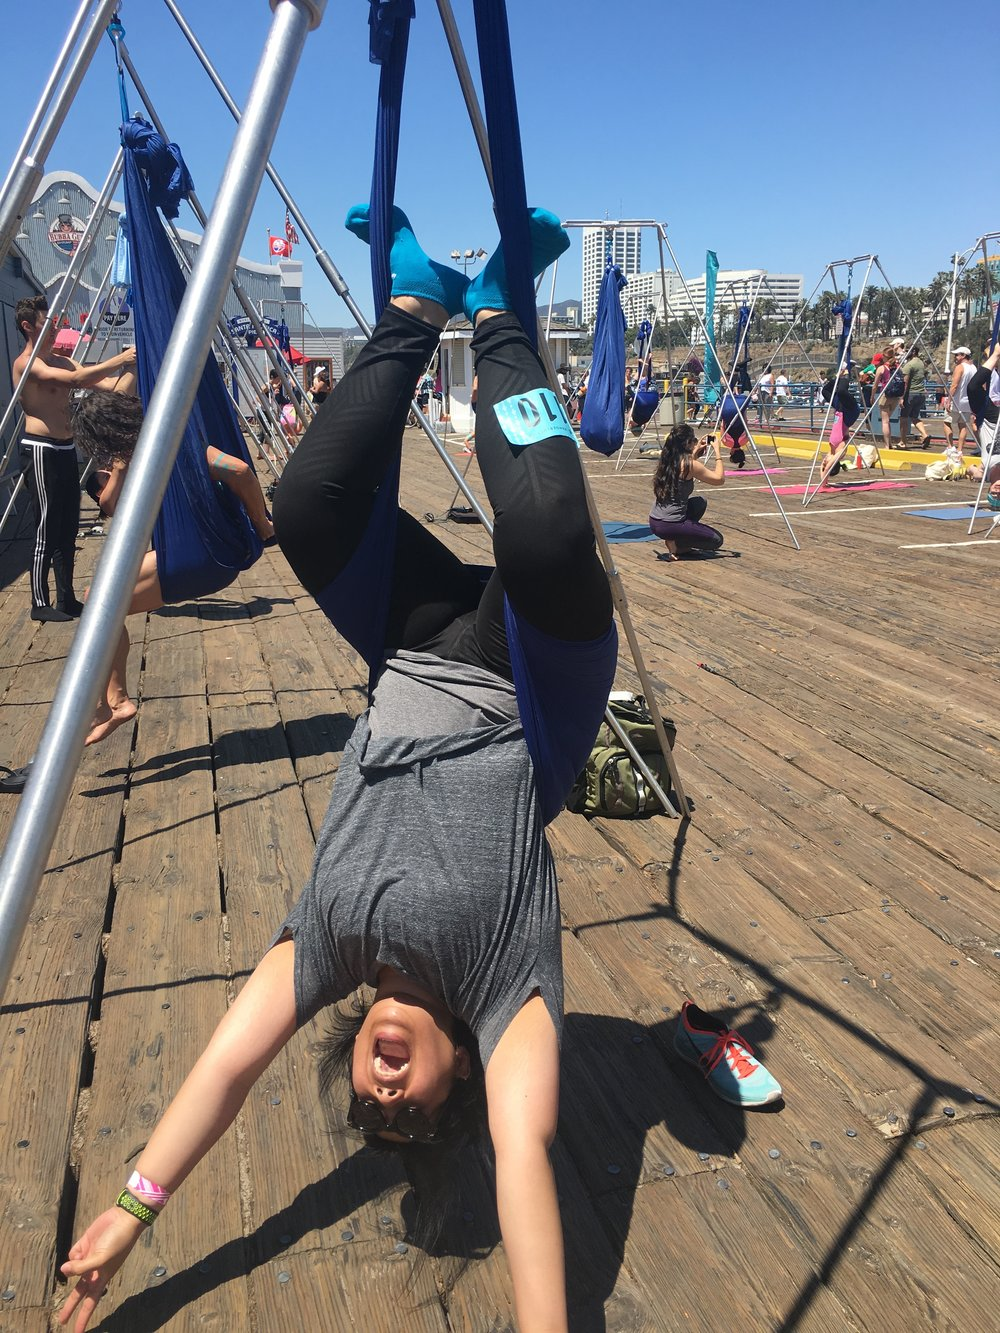 Me doing aerial yoga